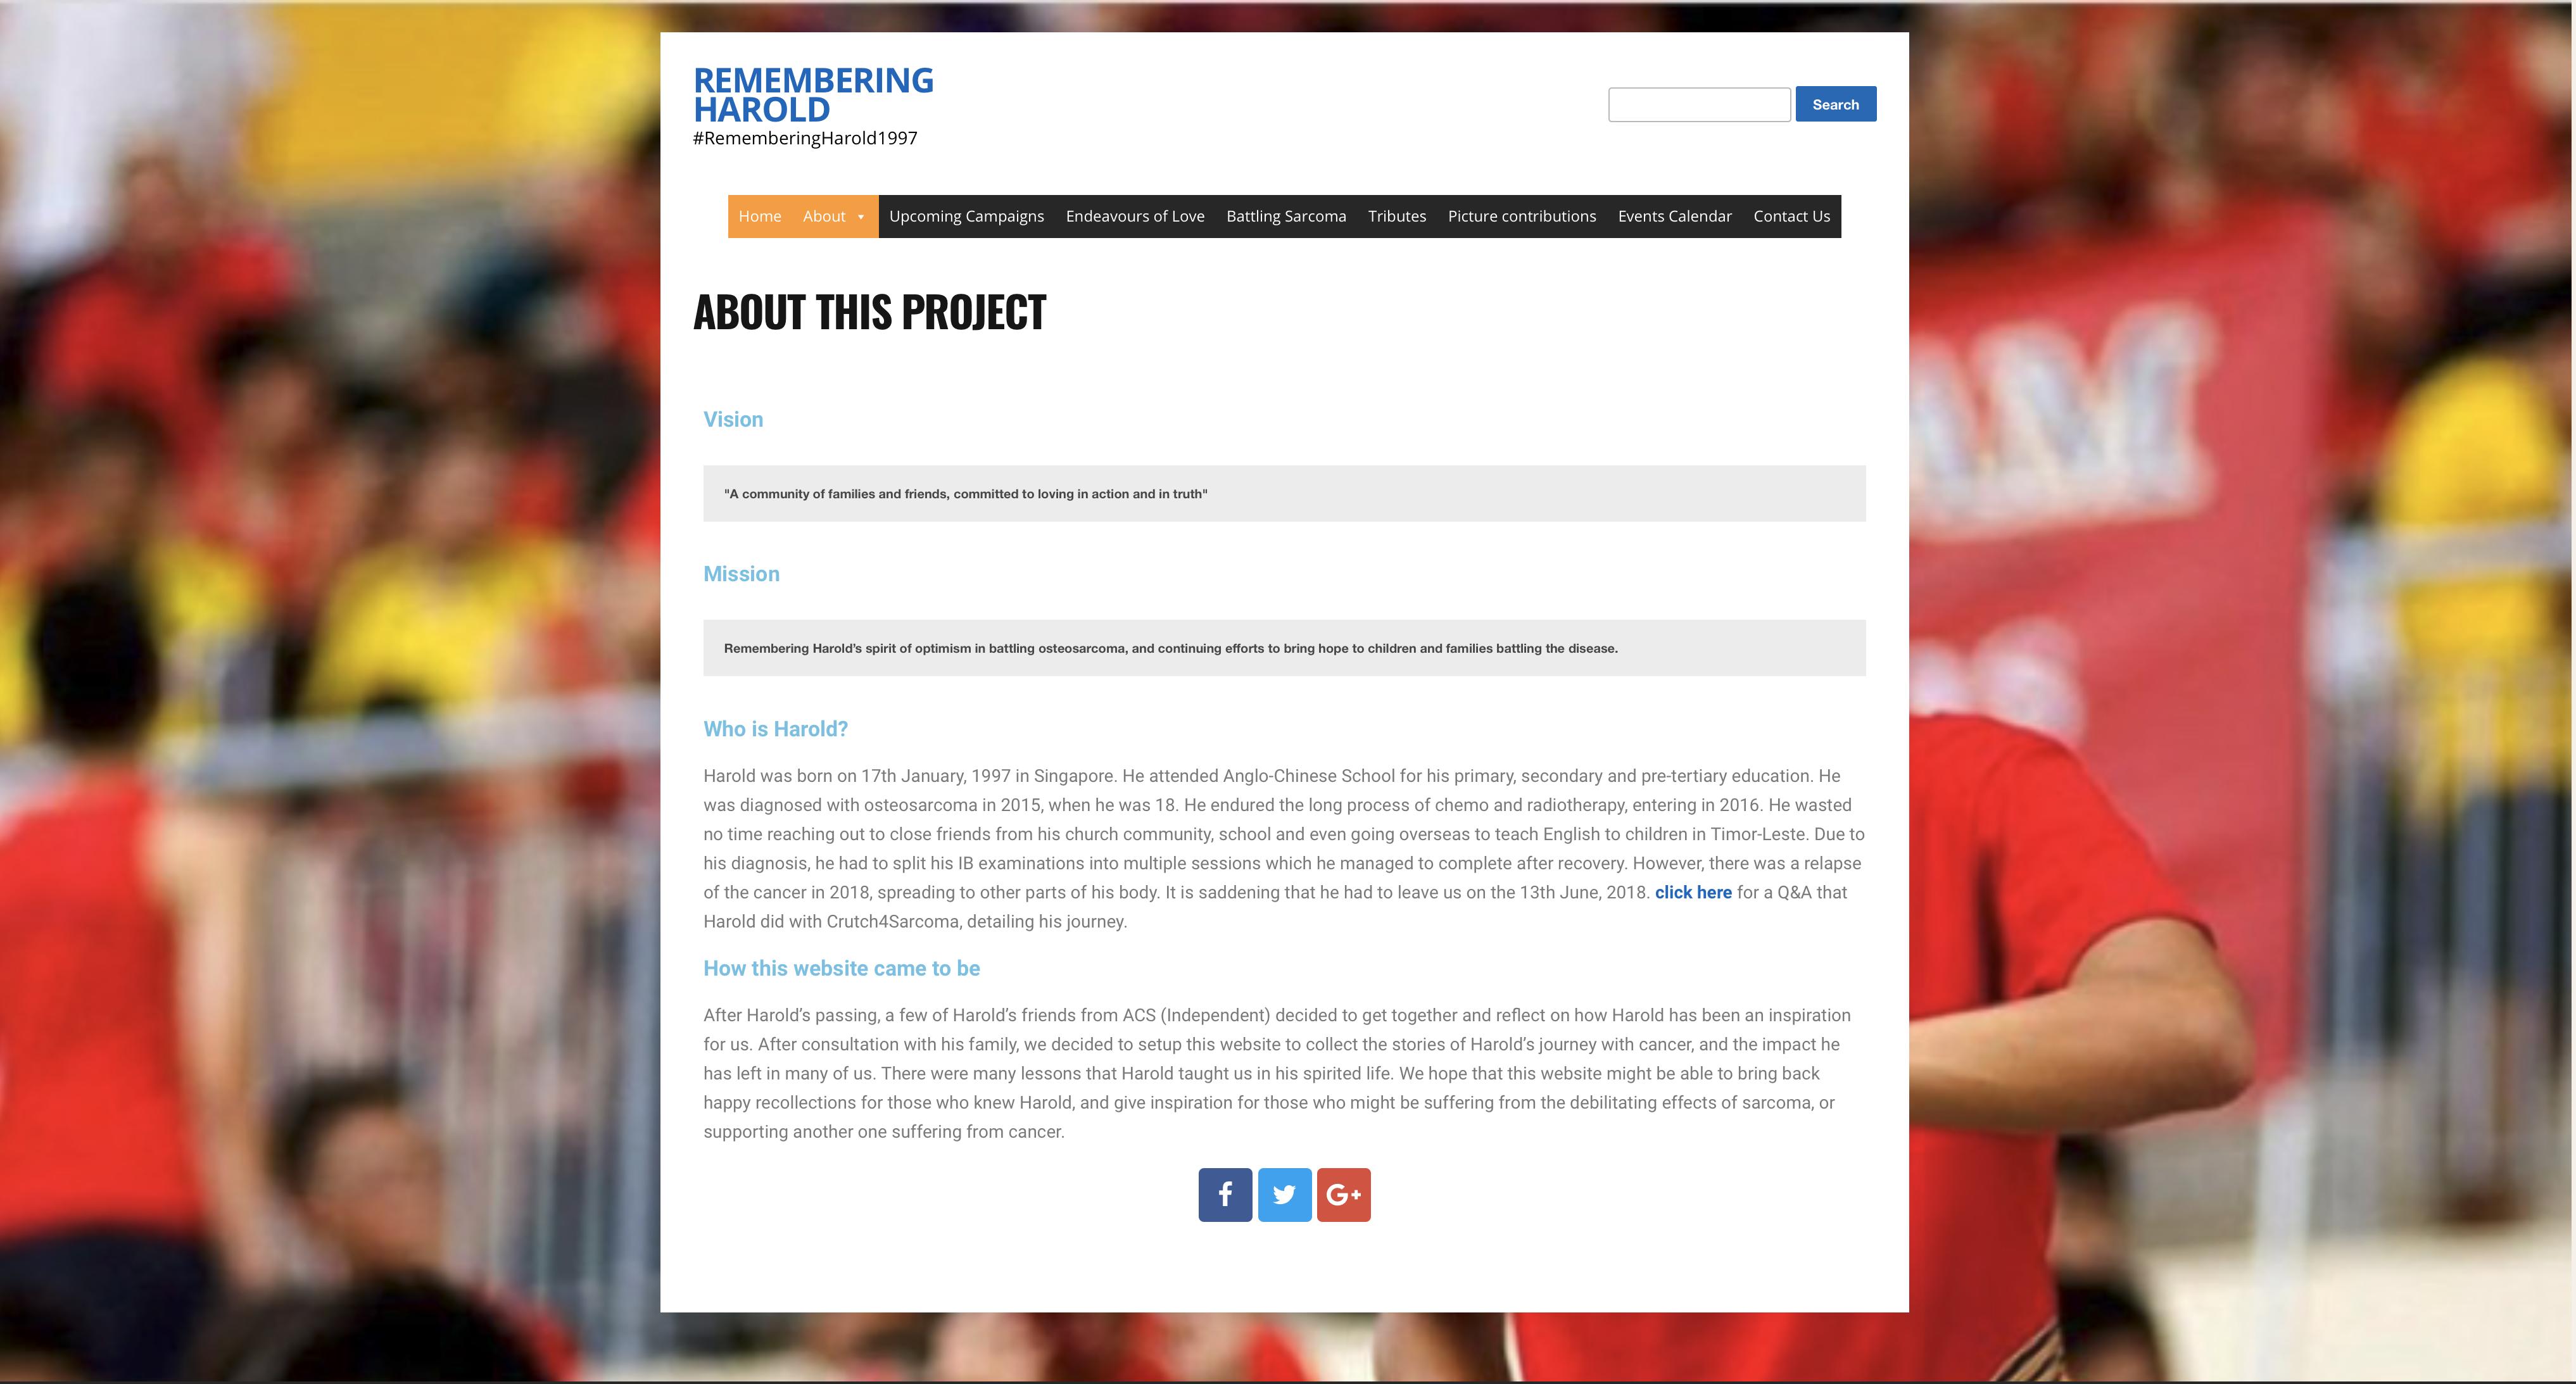 Rememberingharold.org